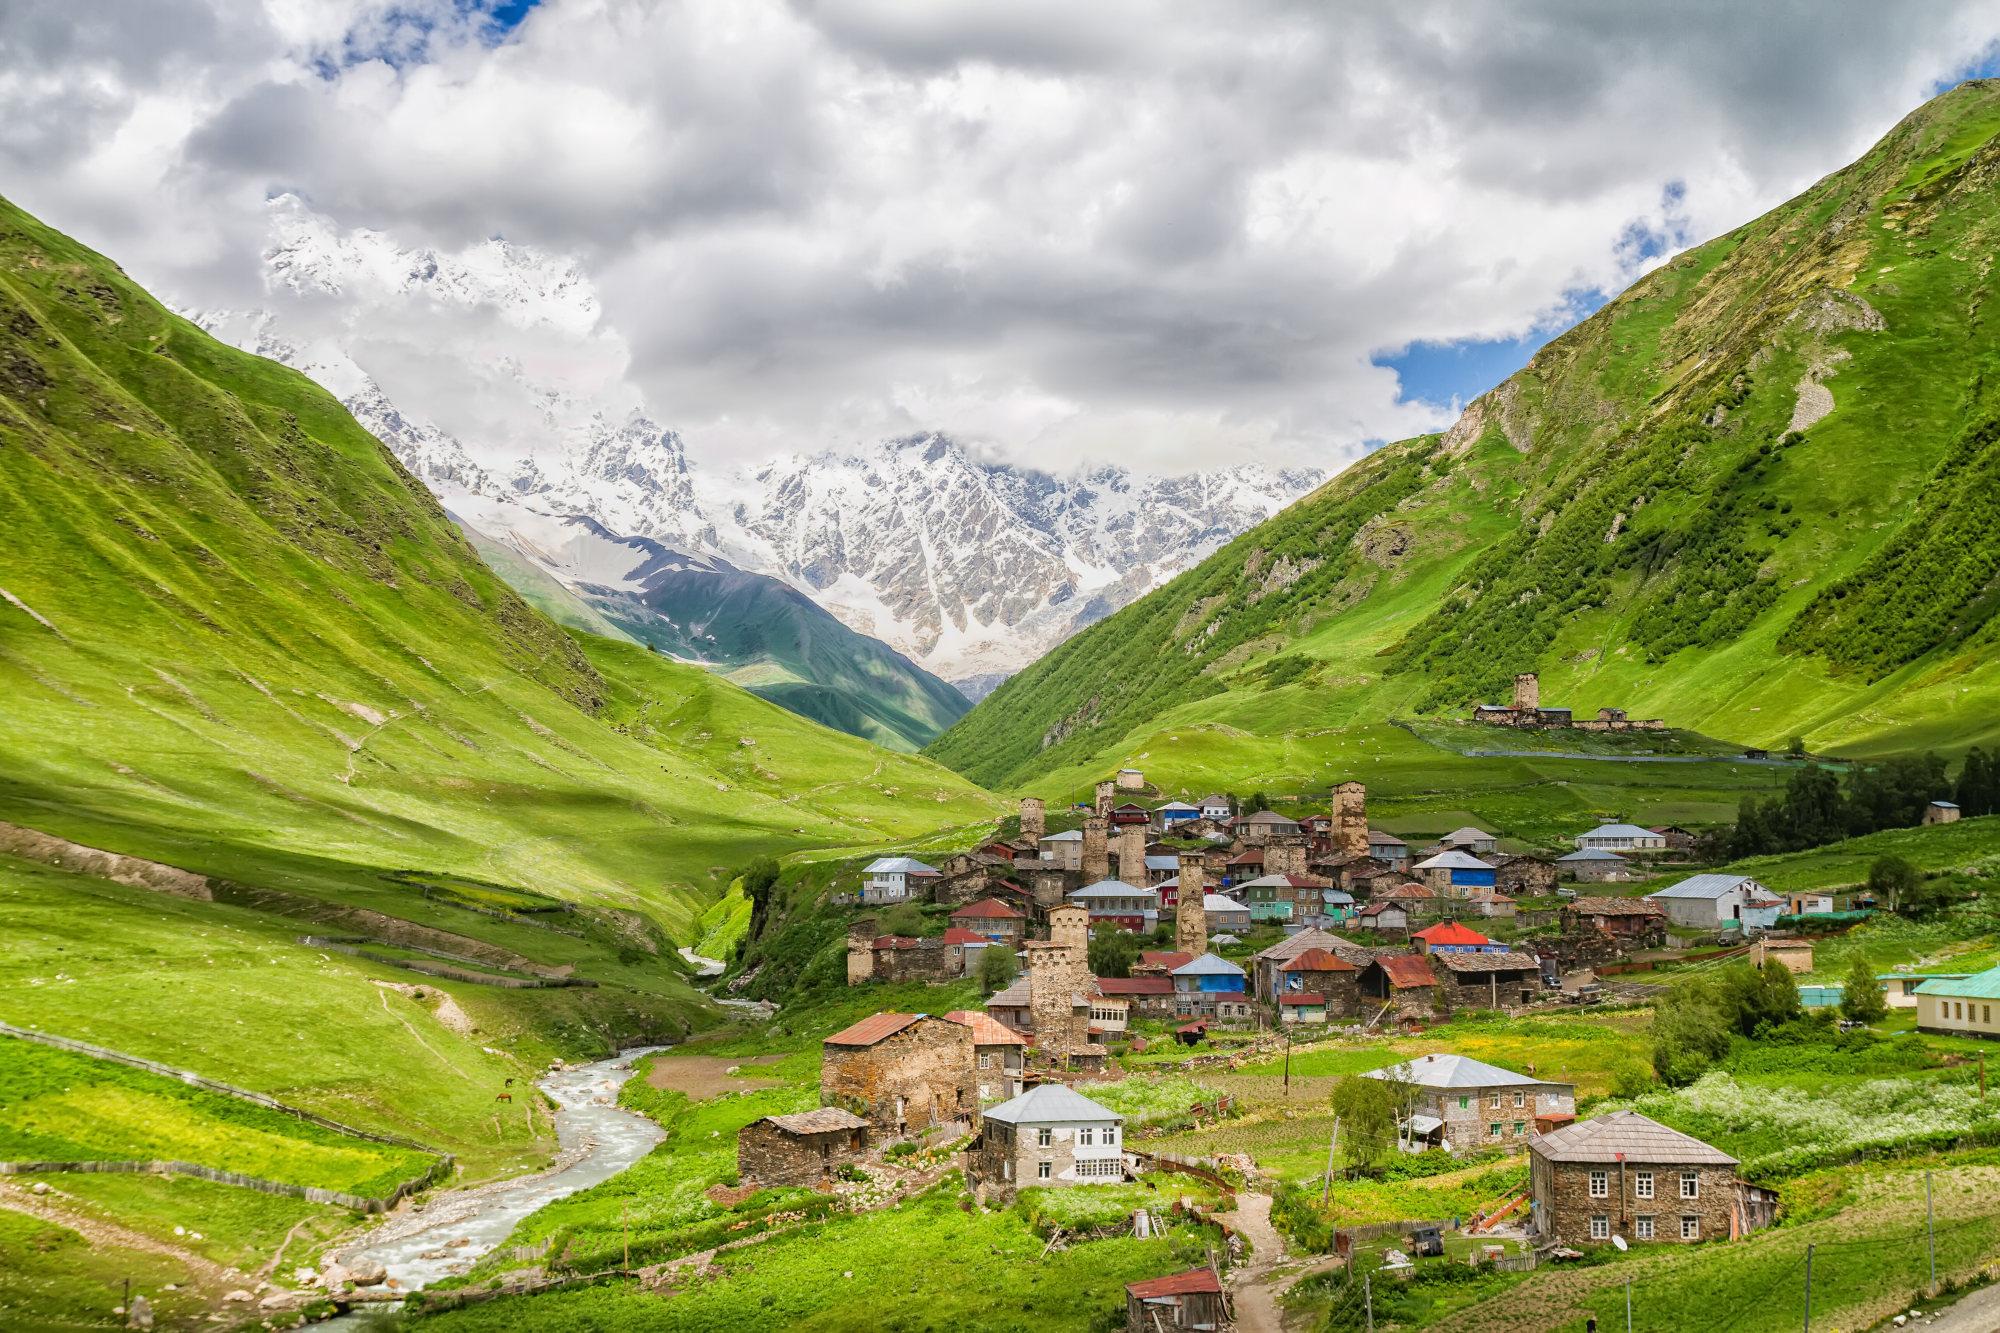 Ushguli - the highest inhabited village in Europe